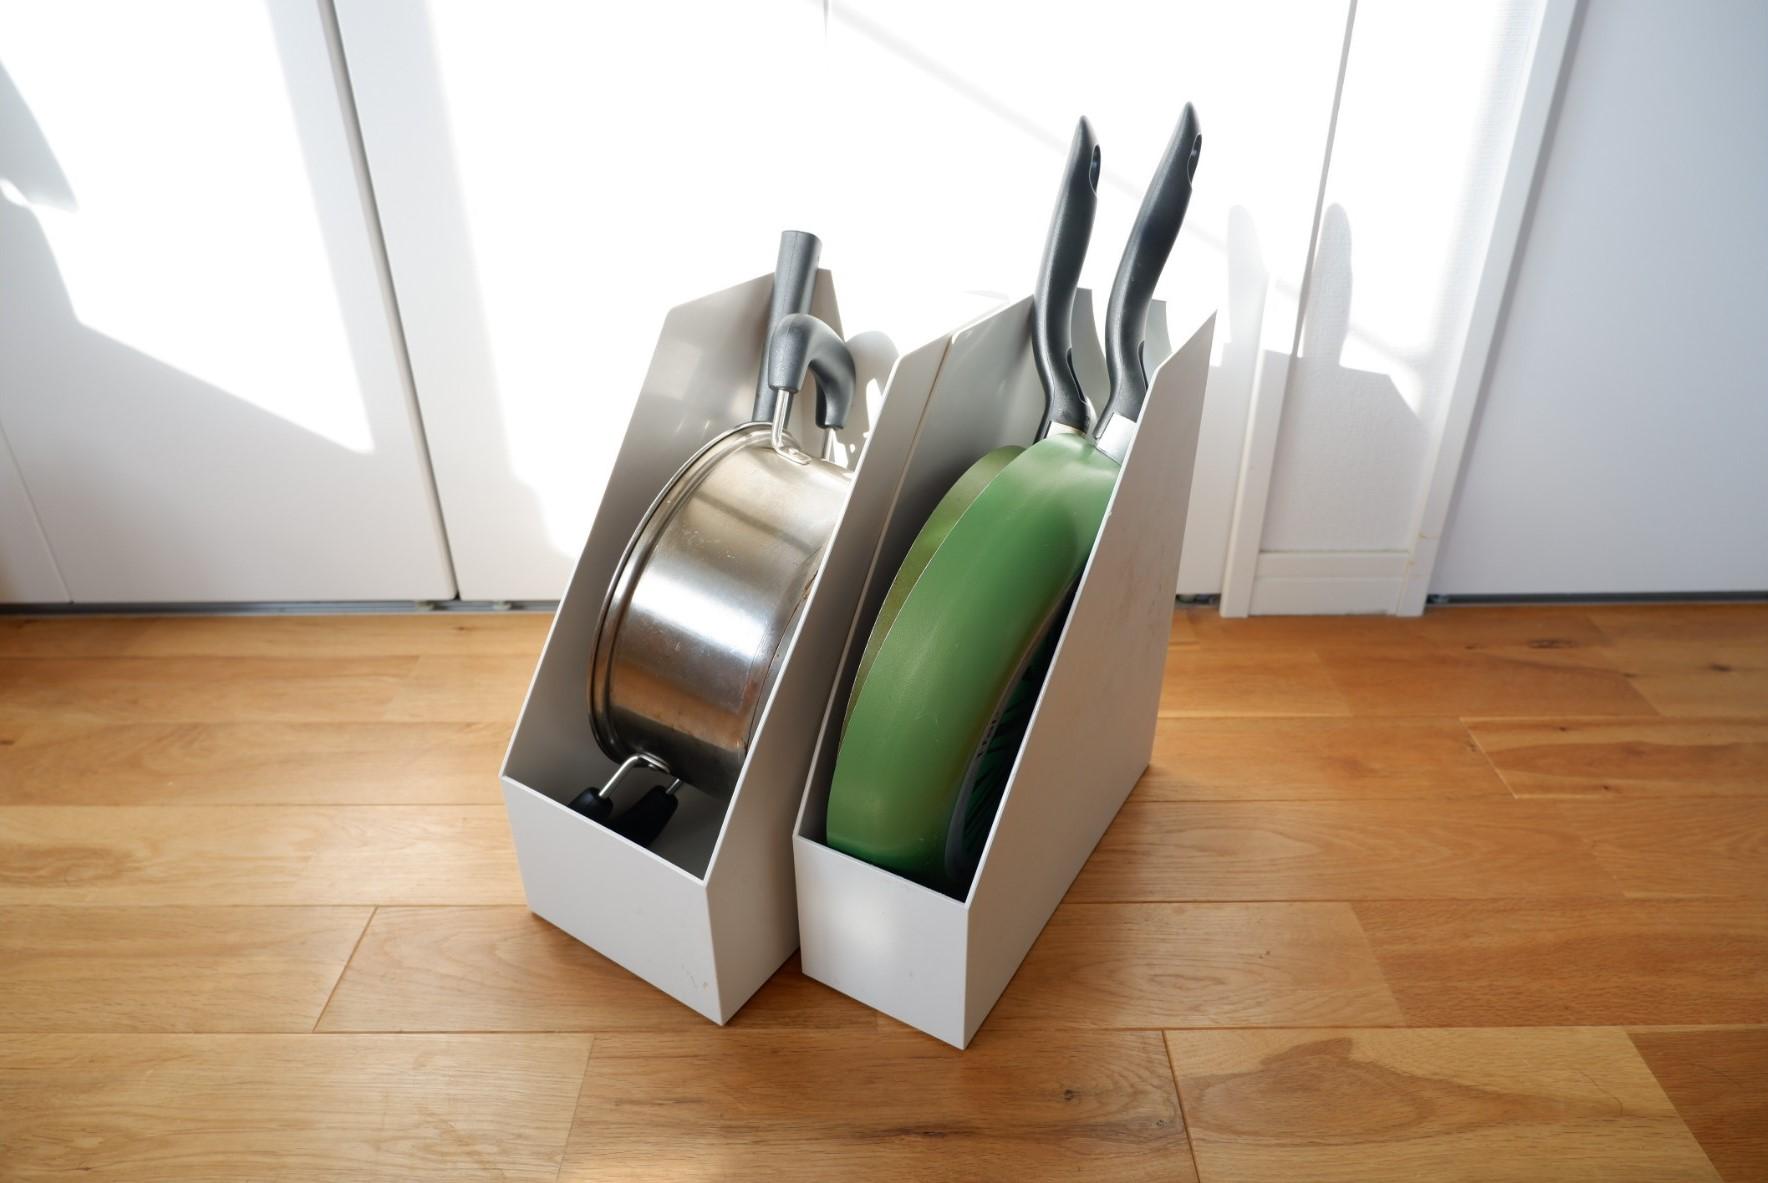 しまおうと思うと場所を取る、鍋やフライパンの収納。そんな時意外に使えるアイテムが無印良品の「スタンドファイルボックス」。鍋やフライパンをすっぽり立てられるので、シンク下や引き出しにしまいやすくなりますよ。(アイテム紹介はこちら)